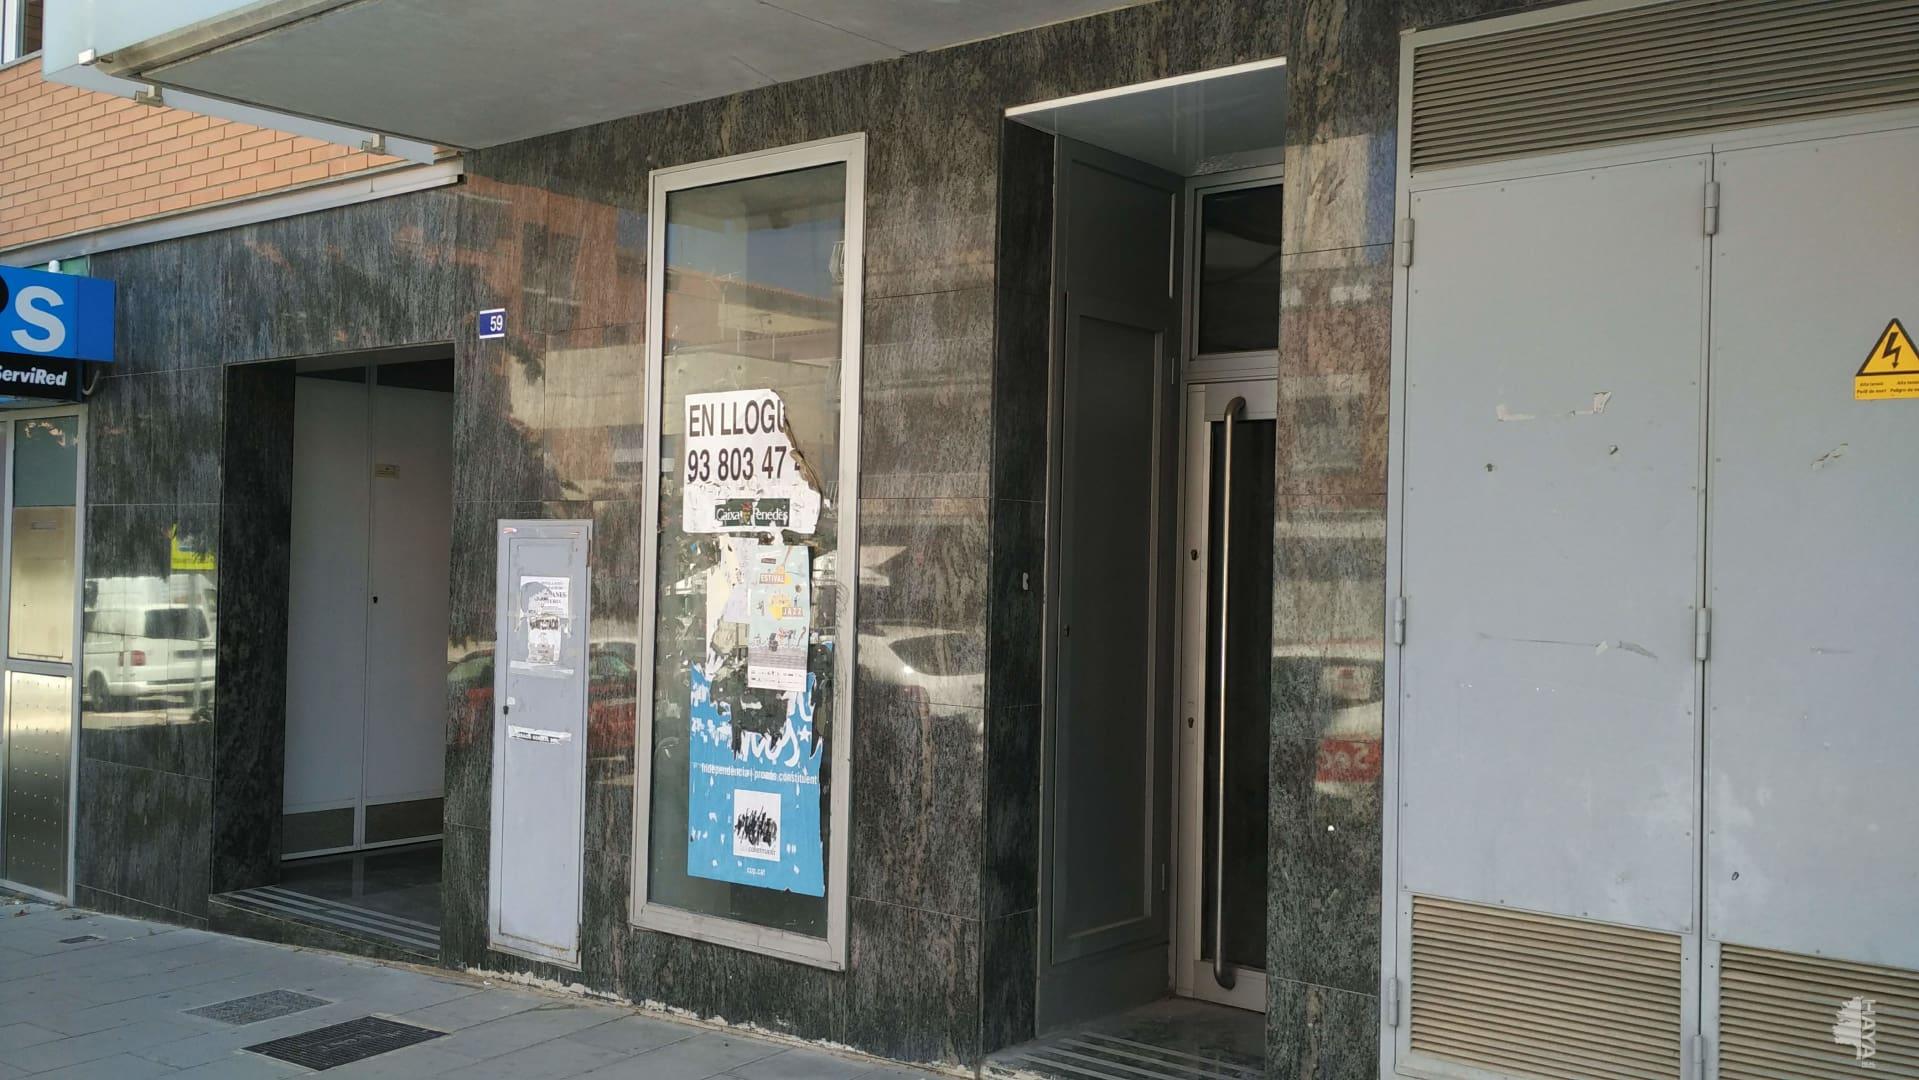 Local en venta en Santa Margarida de Montbui, Barcelona, Carretera de Valls, 150.363 €, 154 m2